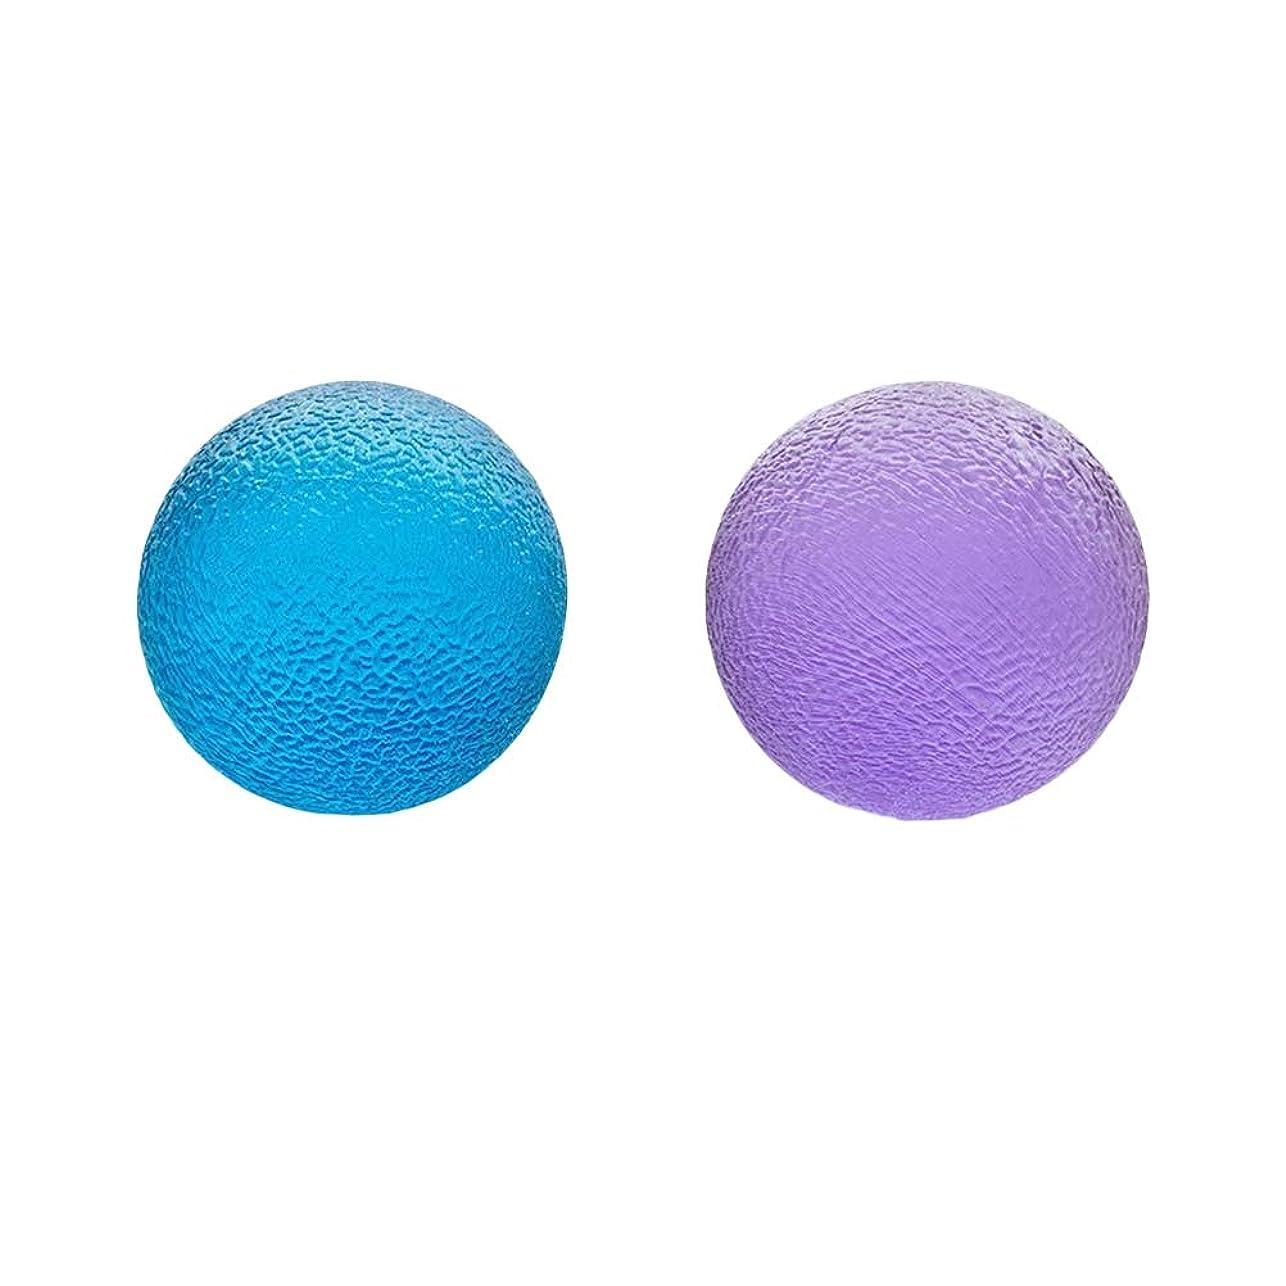 作動するふくろうSUPVOX 2本ハンドグリップ強化ツールワークアウトグリップ強度トレーナーボール強化ツール関節炎指ハンド(ブルーパープル)